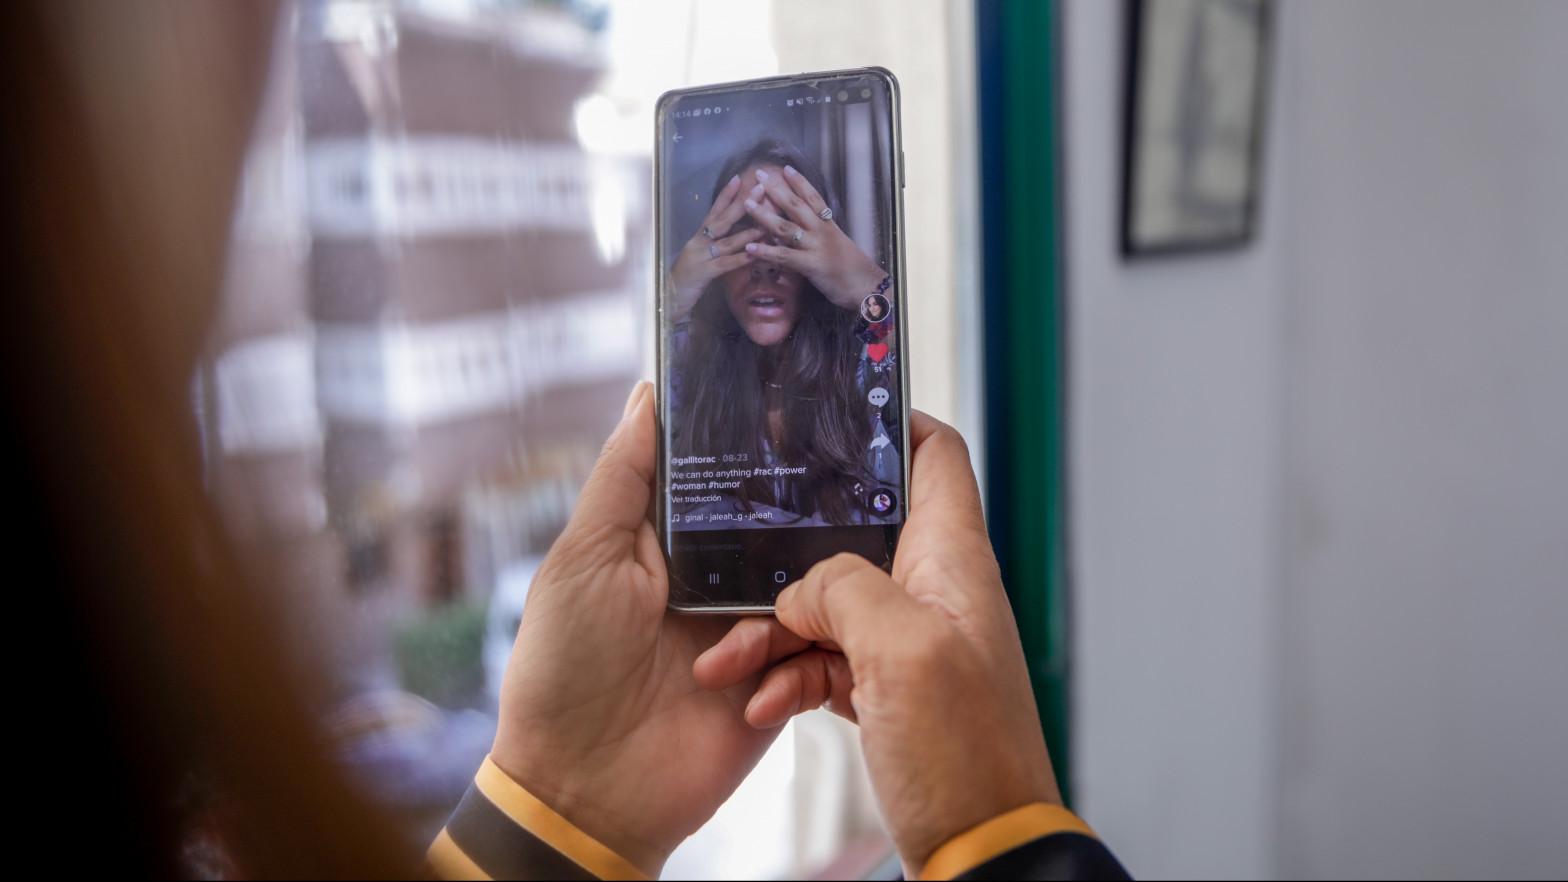 Los consumidores contra TikTok por publicidad oculta y contenido engañoso